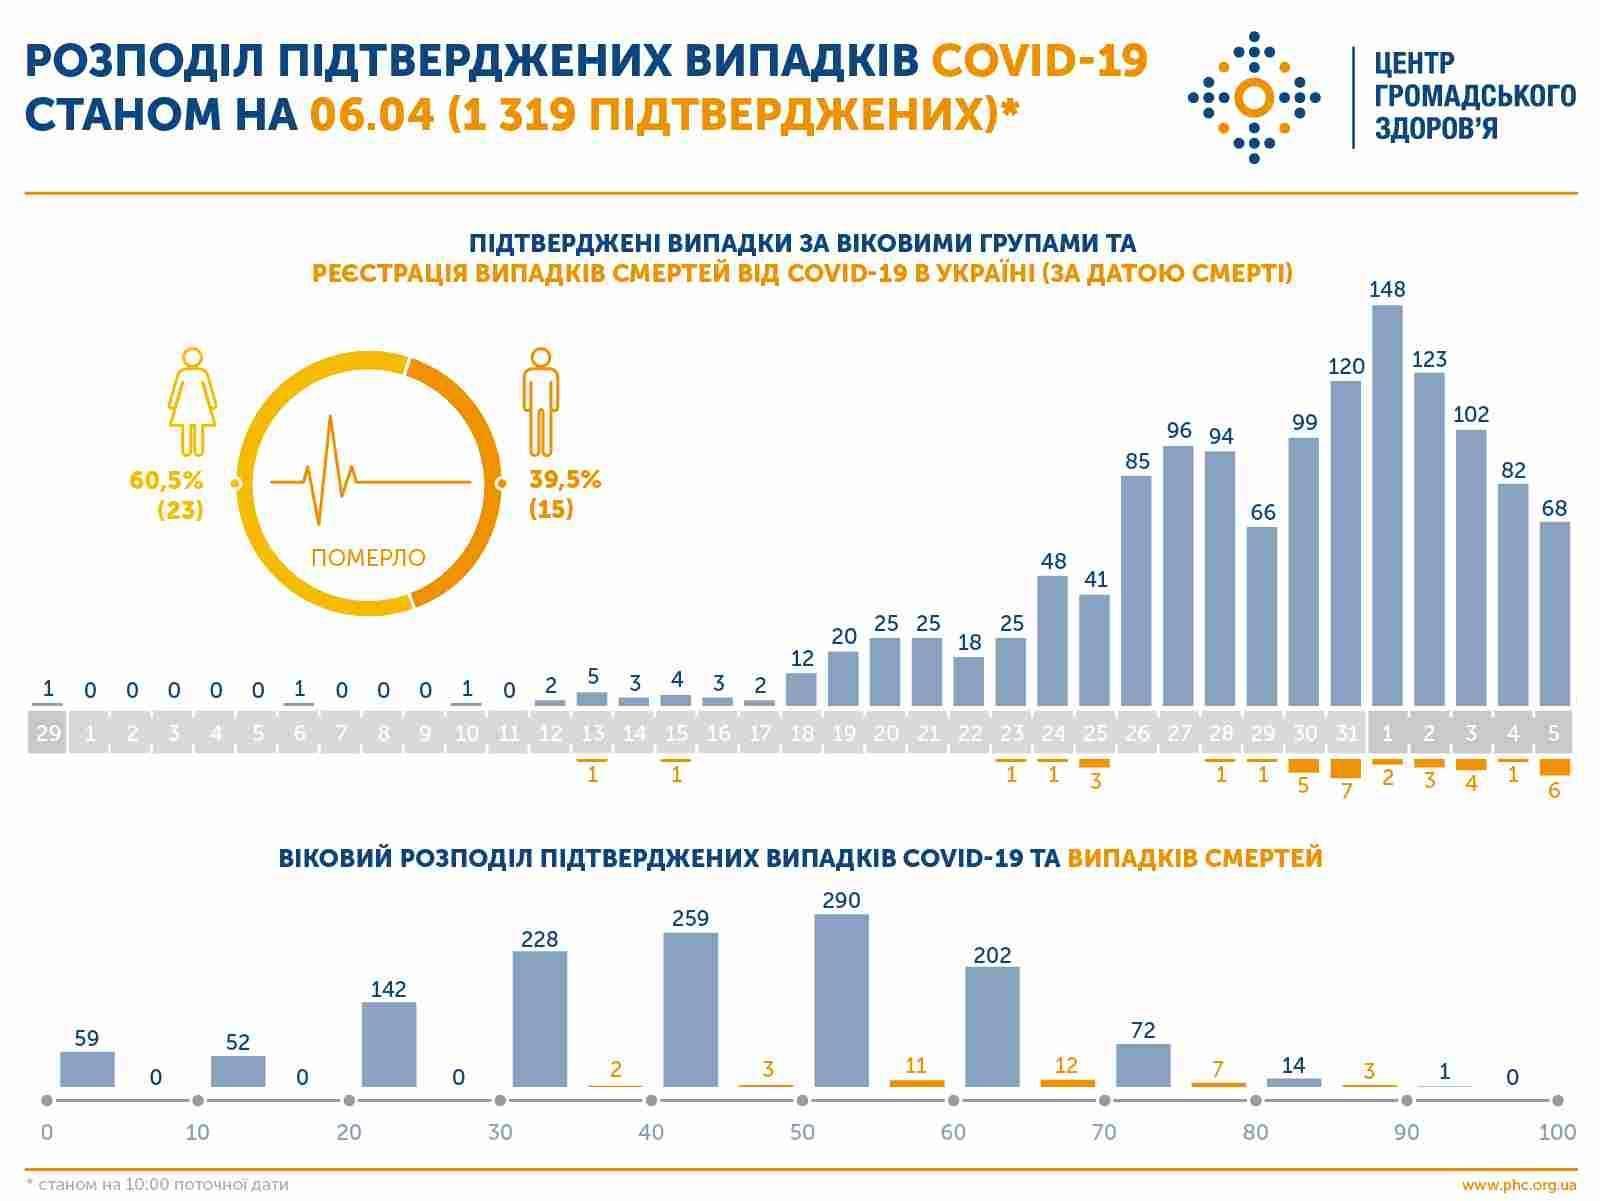 Оперативна інформація про поширення коронавірусної інфекції COVID-19 станом на 09:00 07.04.2020